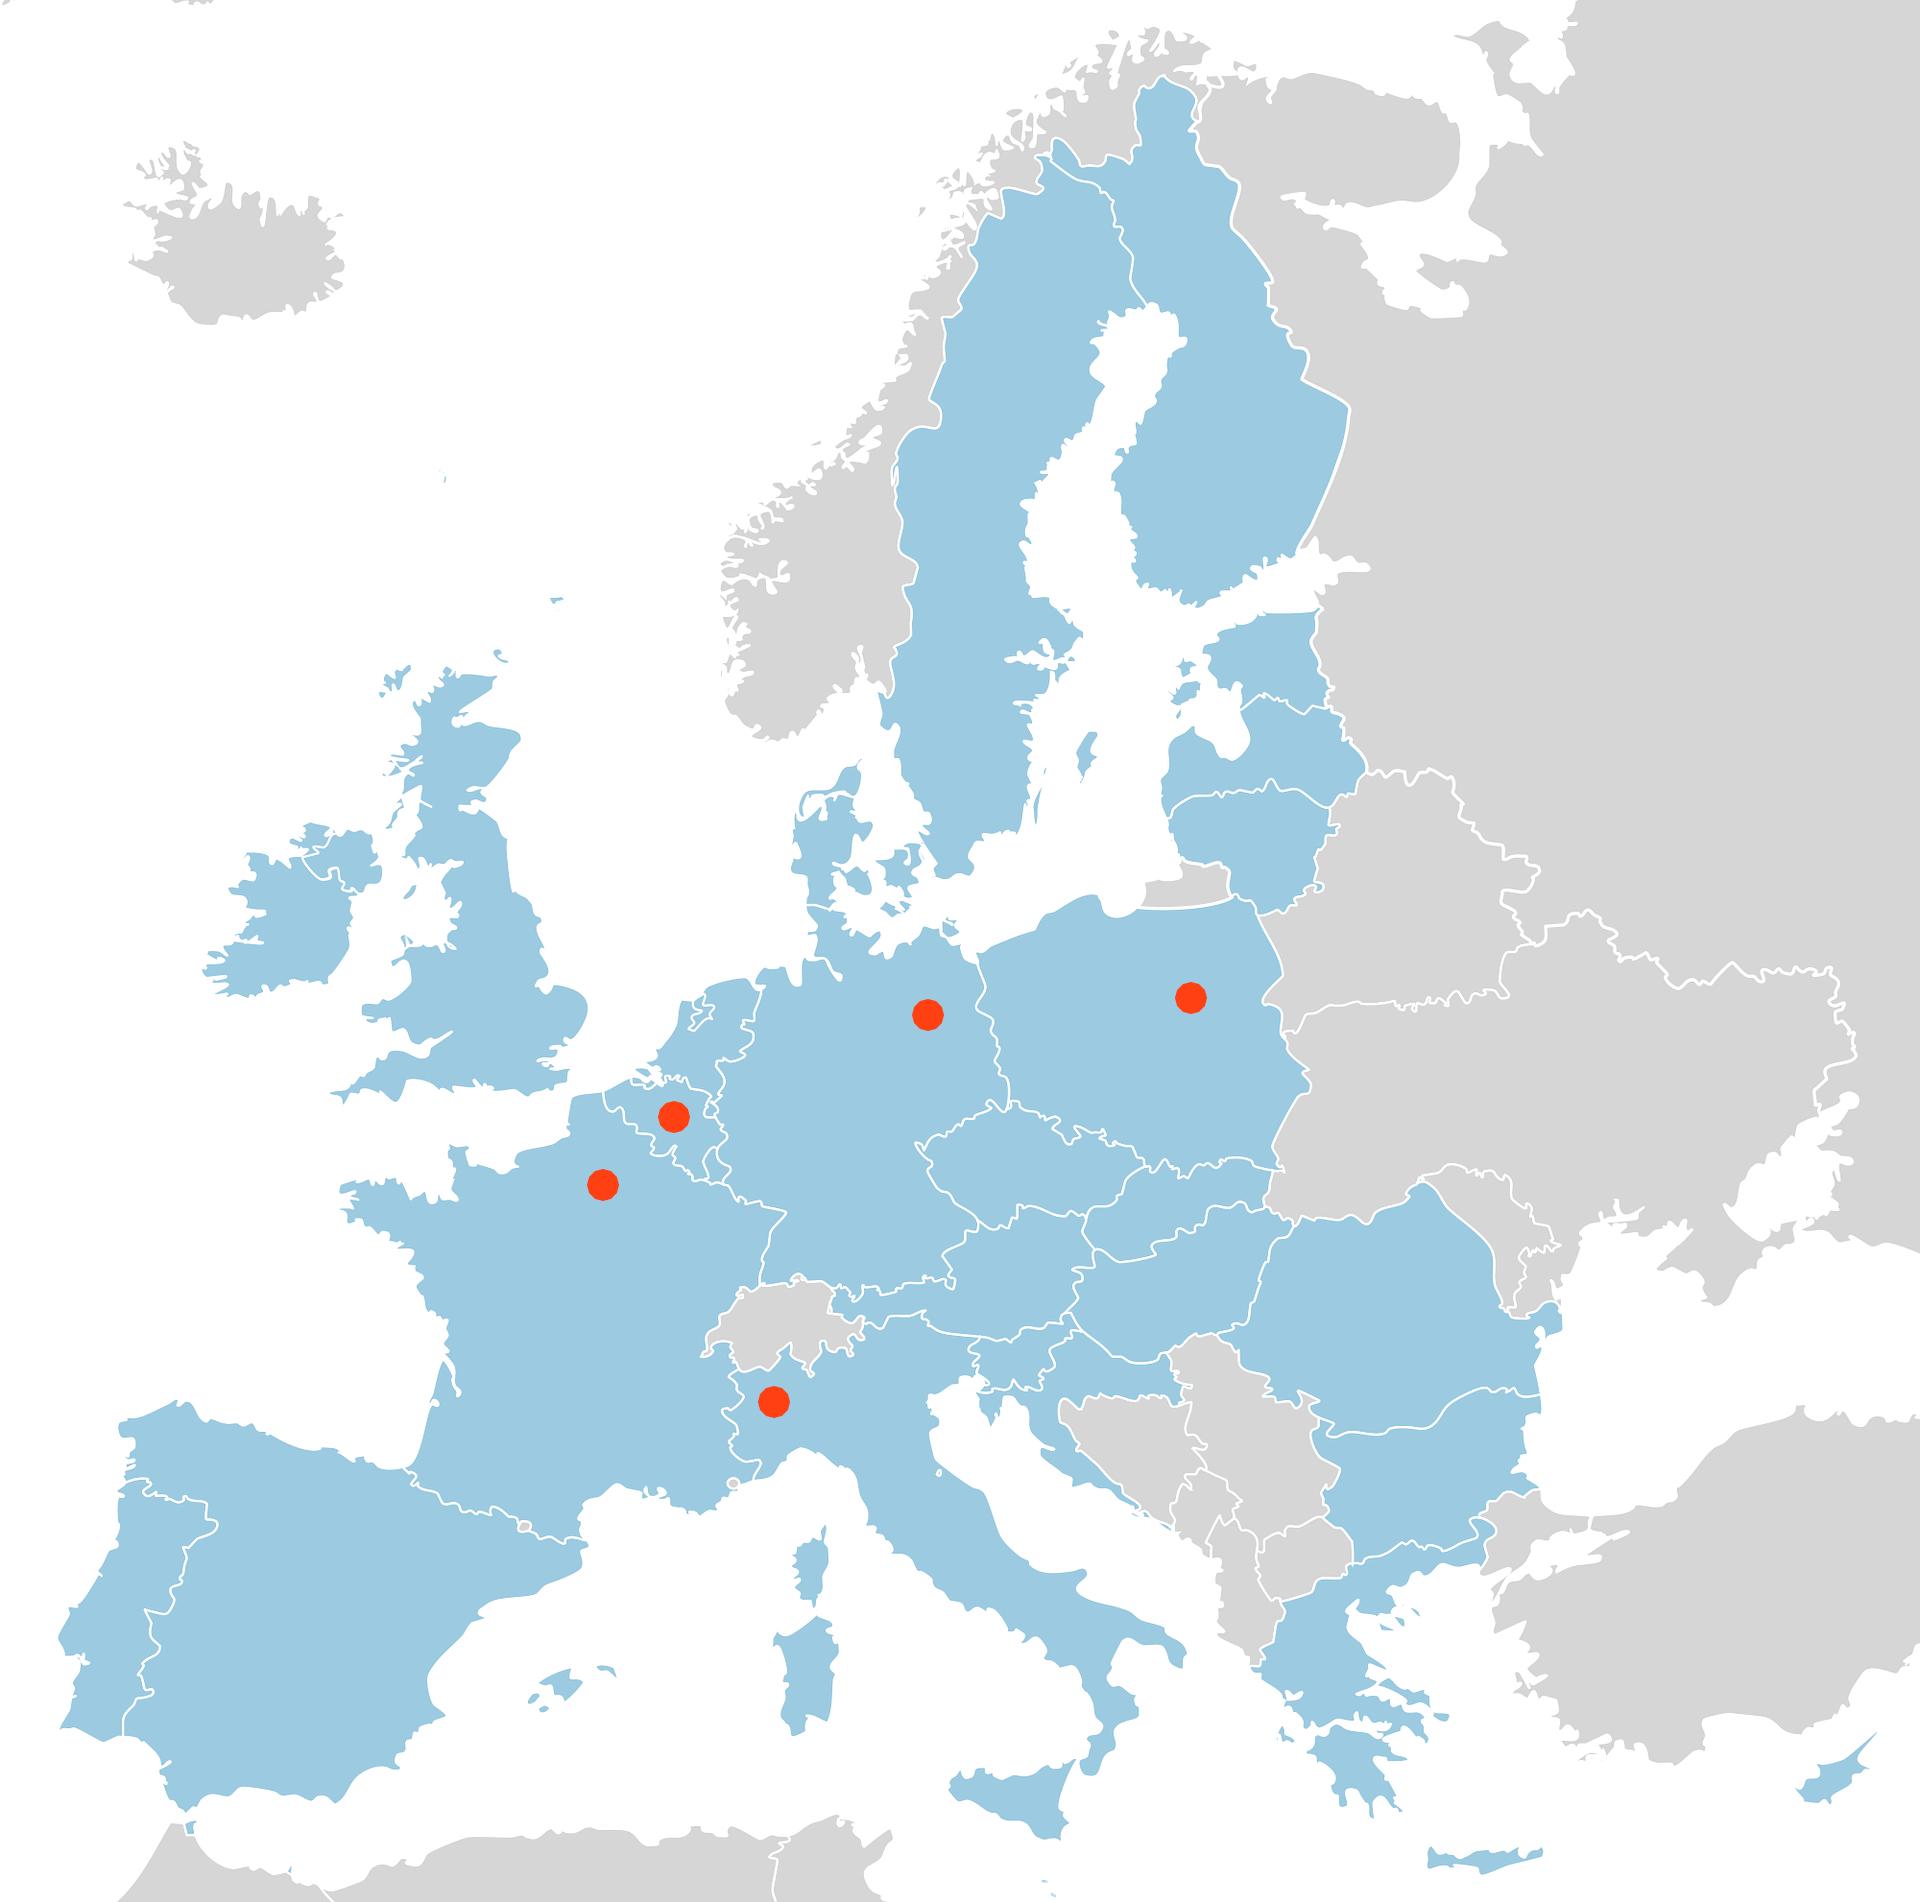 Teilnehmer des Culture Backstage Programms besuchen europäische Creative Hubs und beschäftigen sich mit Kultur, Unternehmensmanagement, Kunst, Medien, Philosophie und Marketing.